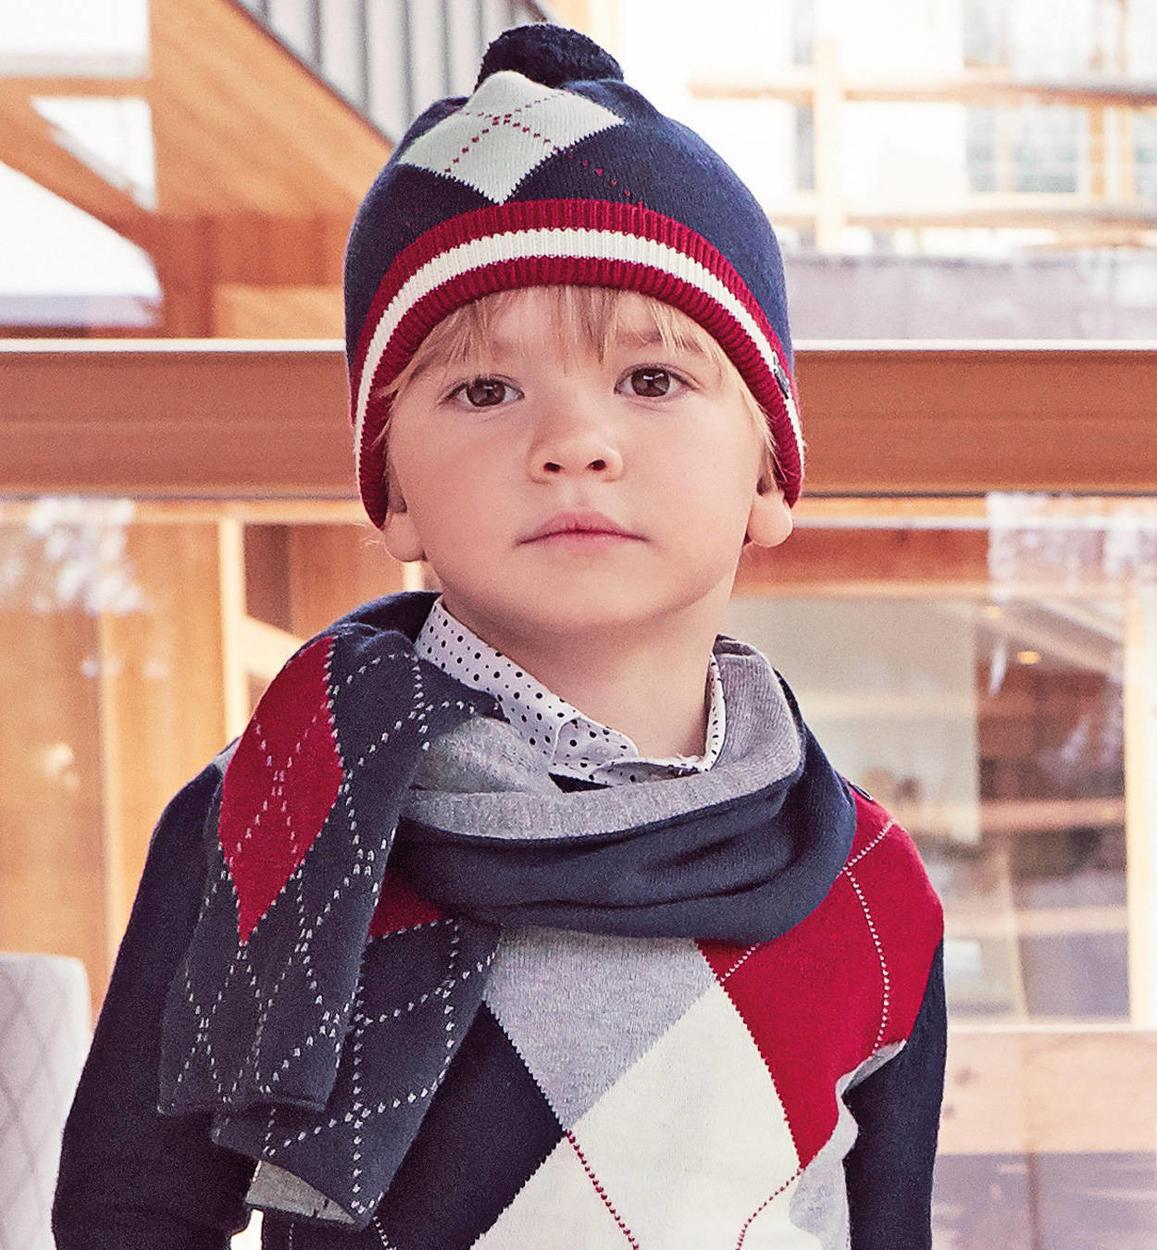 Sciarpa in tricot fantasia geometrica per bambino da 6 mesi a 7 anni  Sarabanda NAVY- 7a57a57adb0f